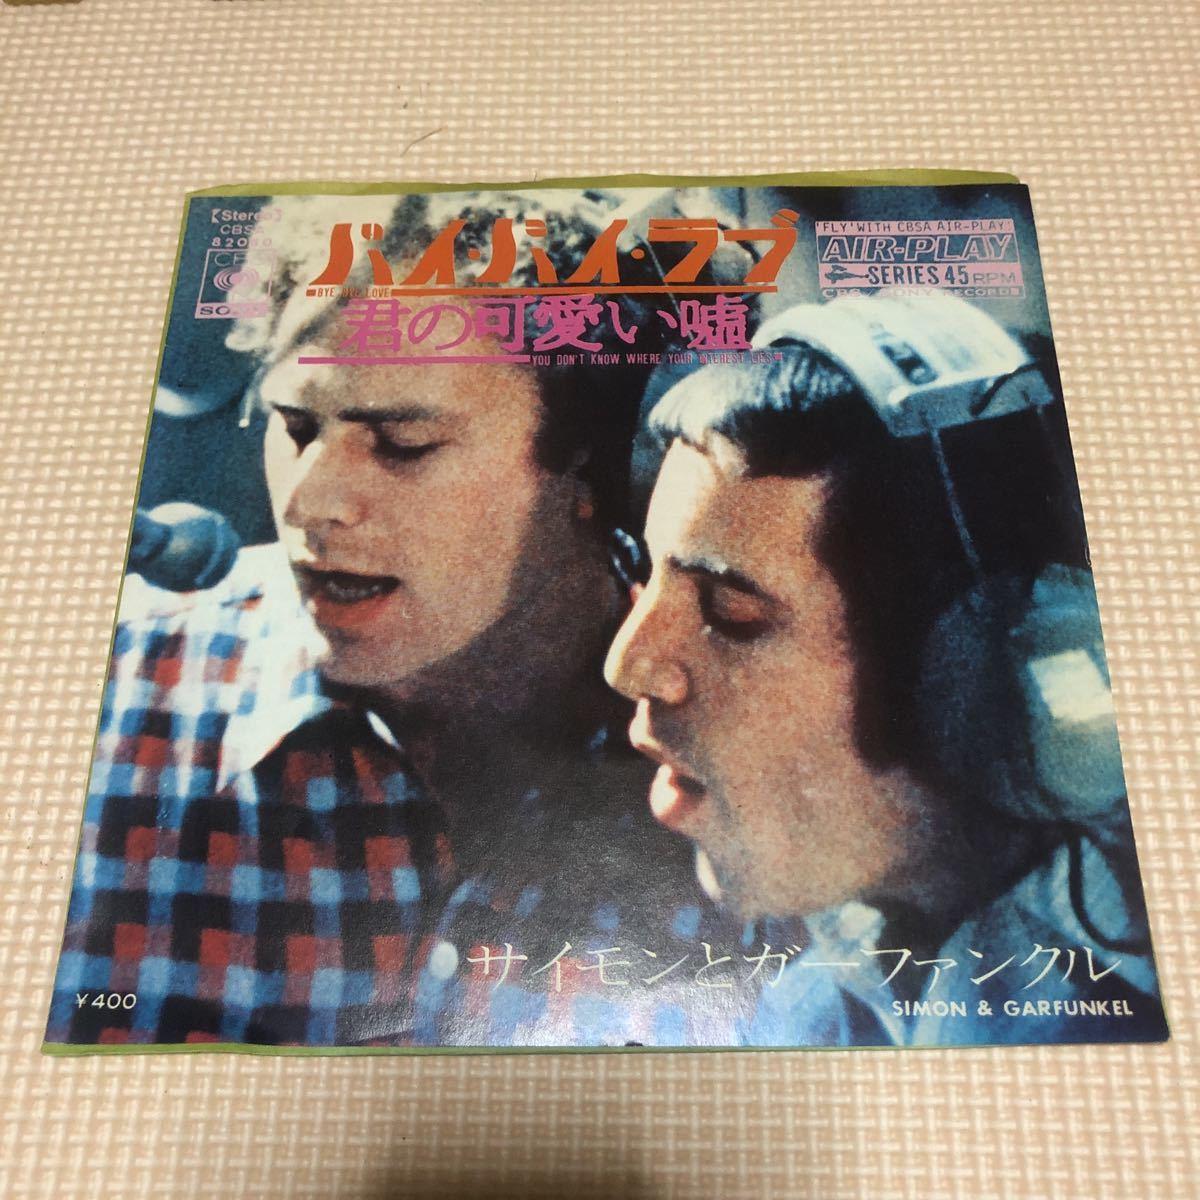 サイモン&ガーファンクル バイ・バイ・ラブ 国内盤7インチシングルレコード